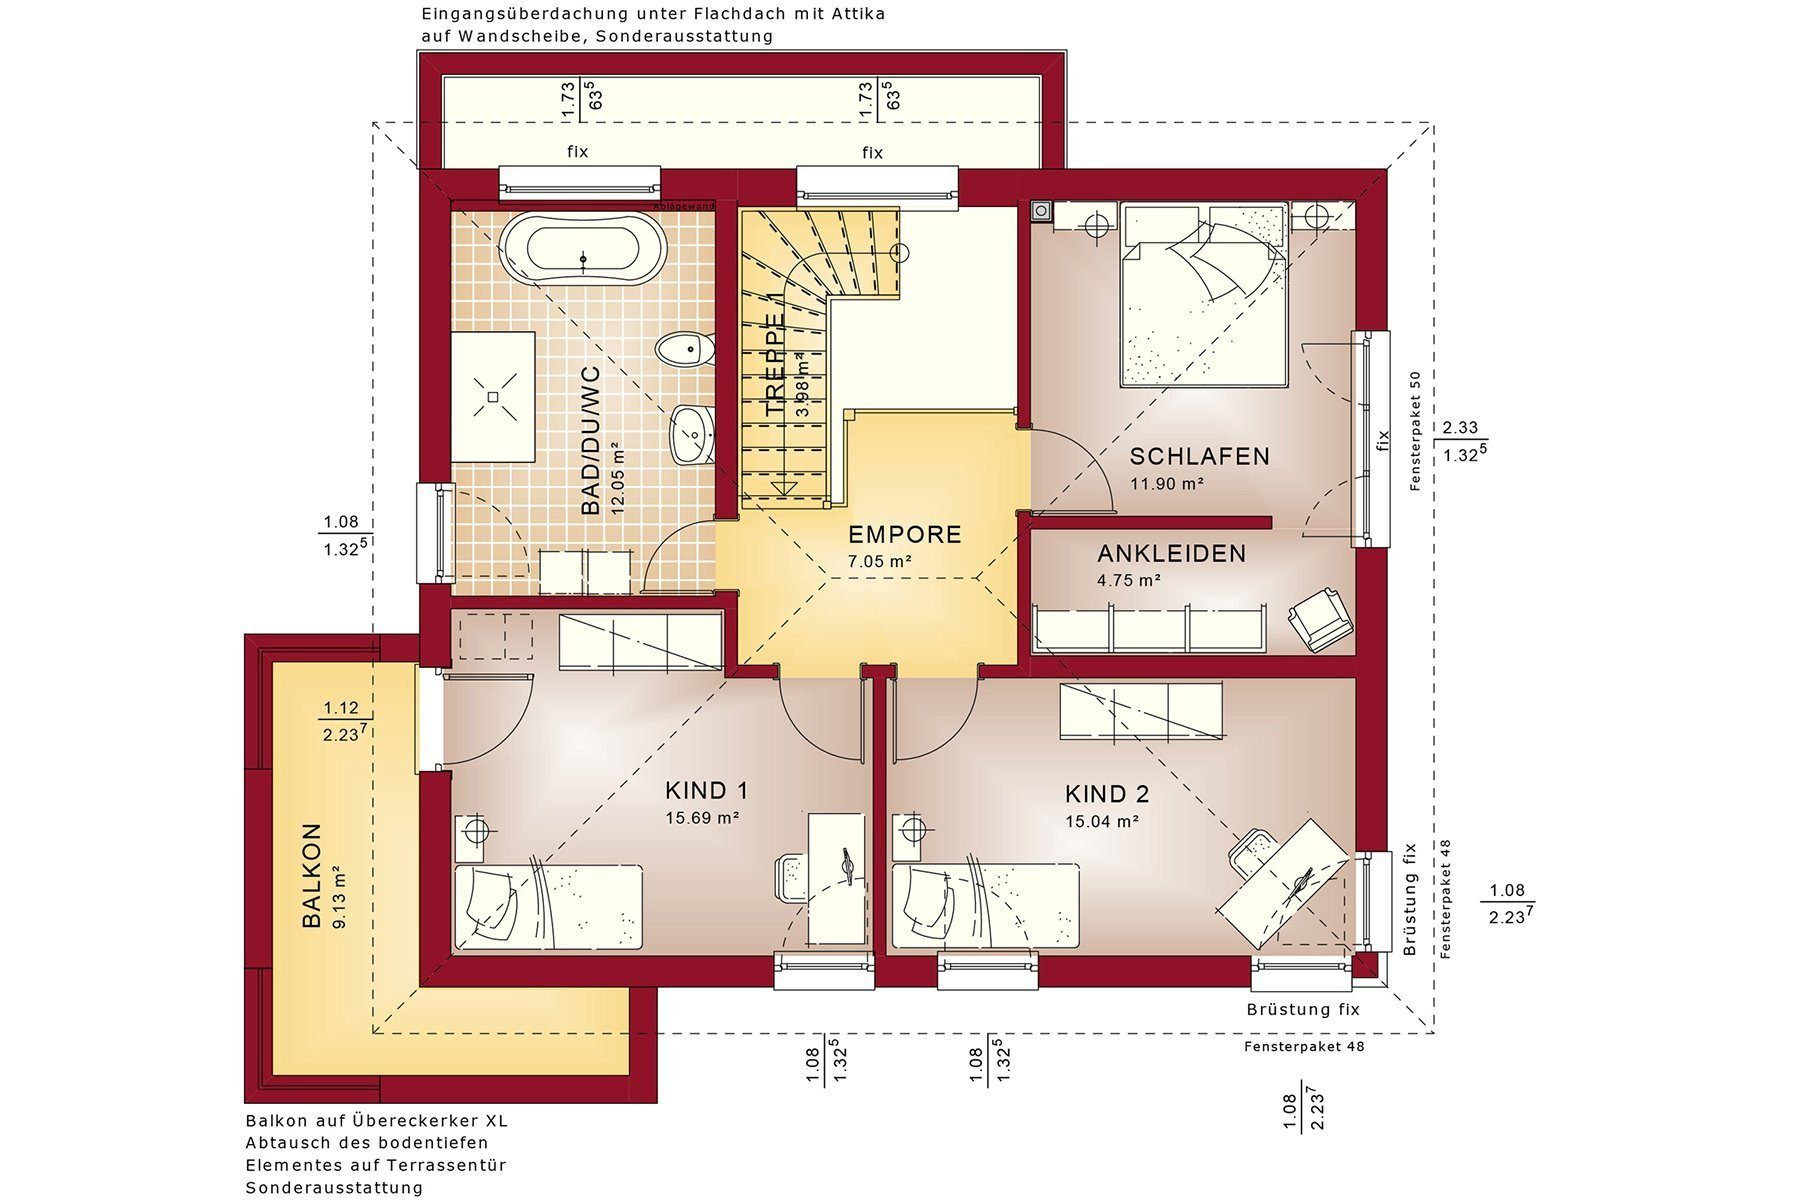 CONCEPT-M 145 Zweibruecken - Eine Nahaufnahme einer Uhr - Gebäudeplan